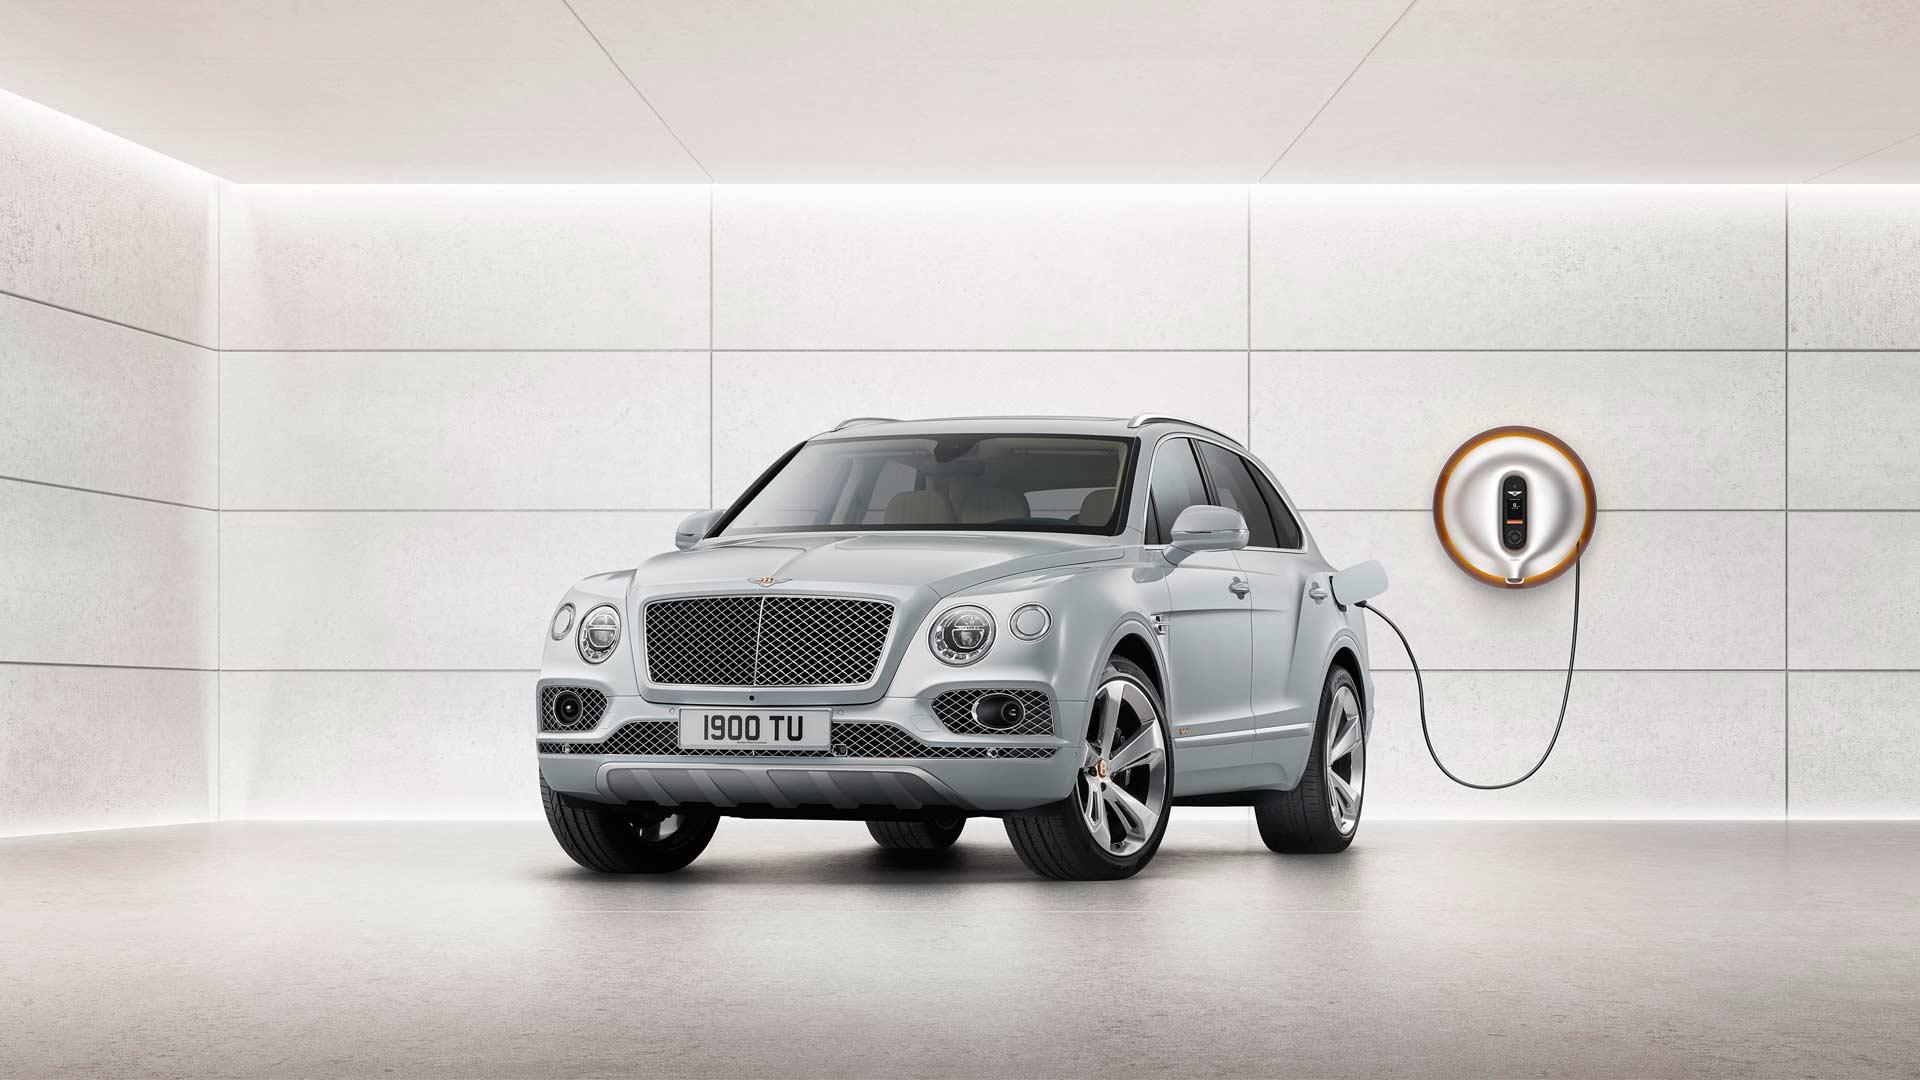 Bentley Bentayga plugs-in for efficiency - Autodevot on bentley sport, bentley car models, bentley maybach, bentley falcon, bentley cars 2013, bentley wagon, bentley brooklands, bentley racing cars, bentley truck, bentley watch, bentley concept, bentley zagato, bentley automobiles, bentley icon, bentley arnage, bentley 2013 models, bentley hearse, bentley coop, bentley symbol, bentley state limousine,